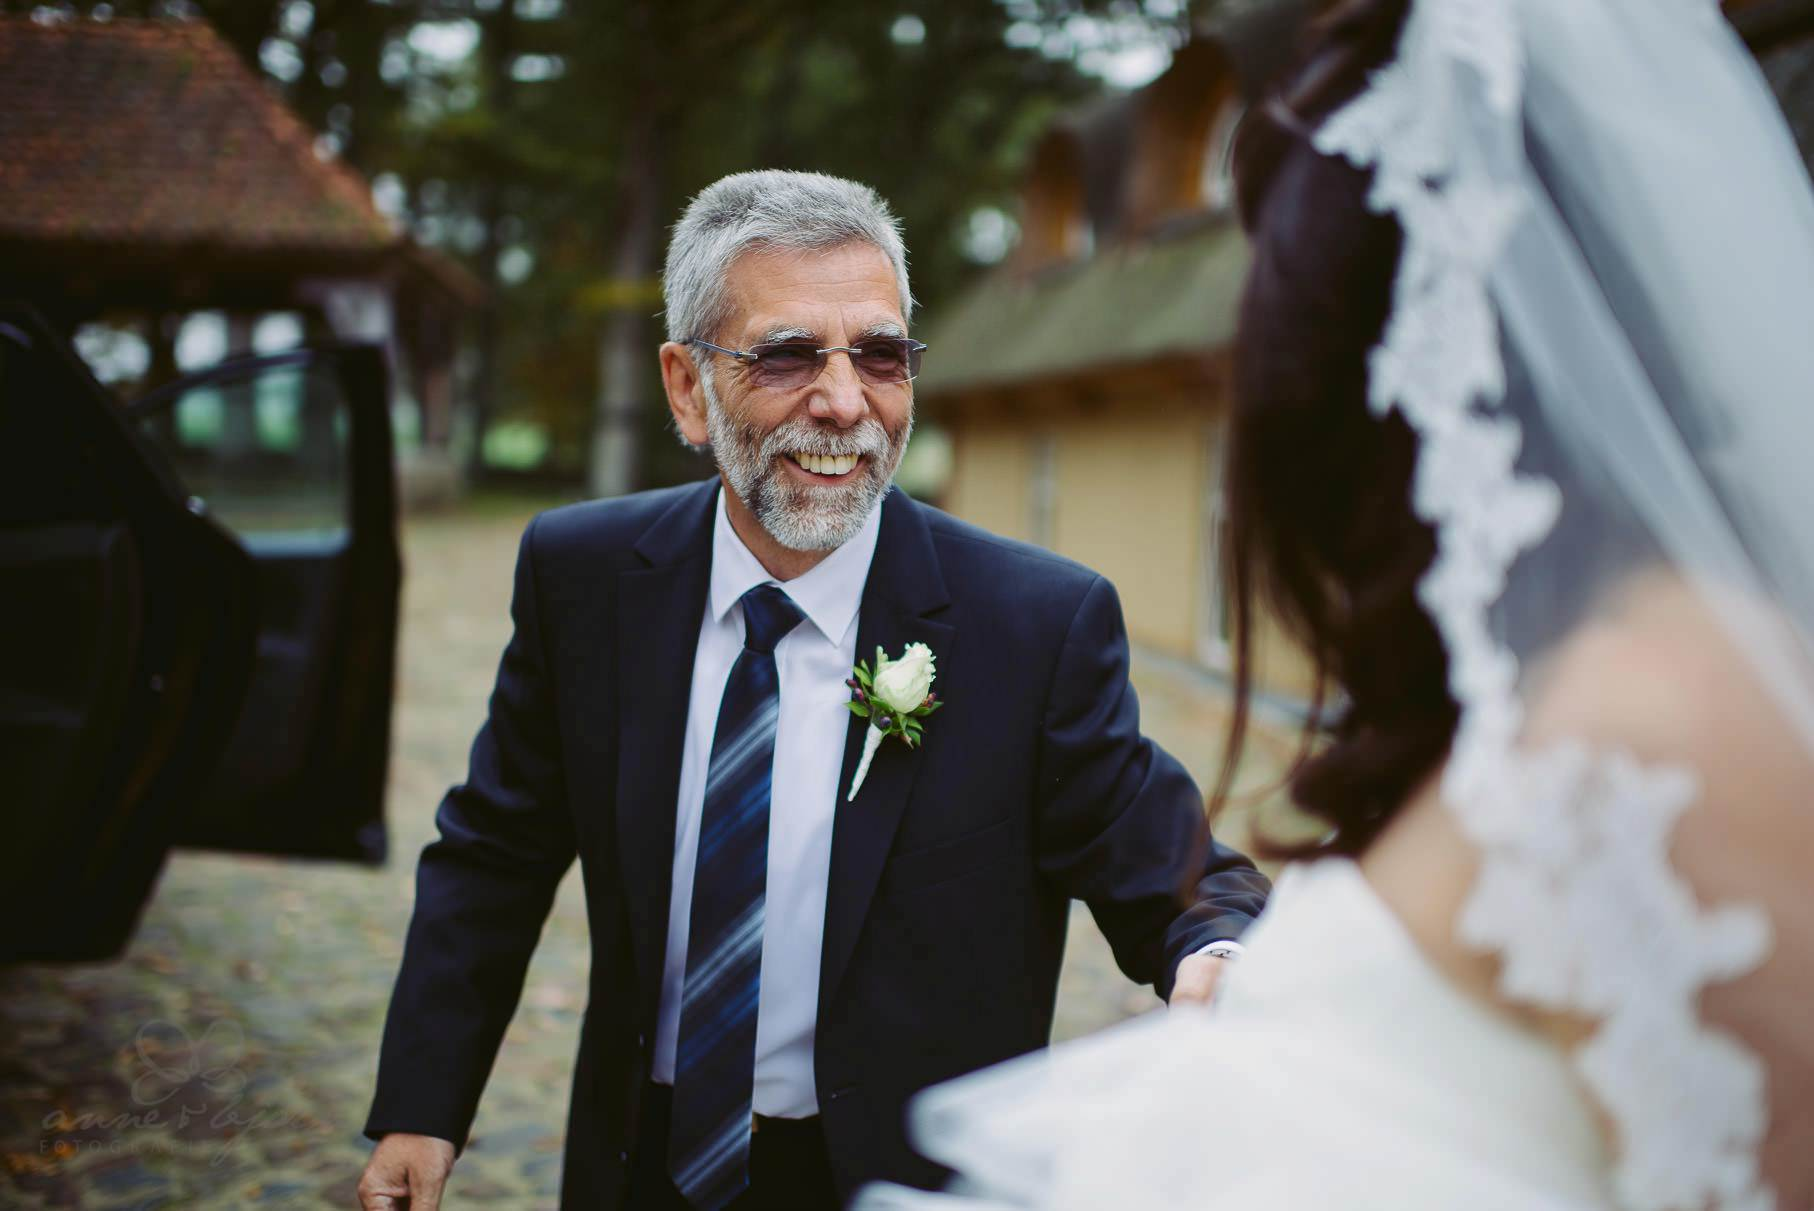 0036 aub 812 9298 - Hochzeit auf Gut Thansen - Anja & Björn